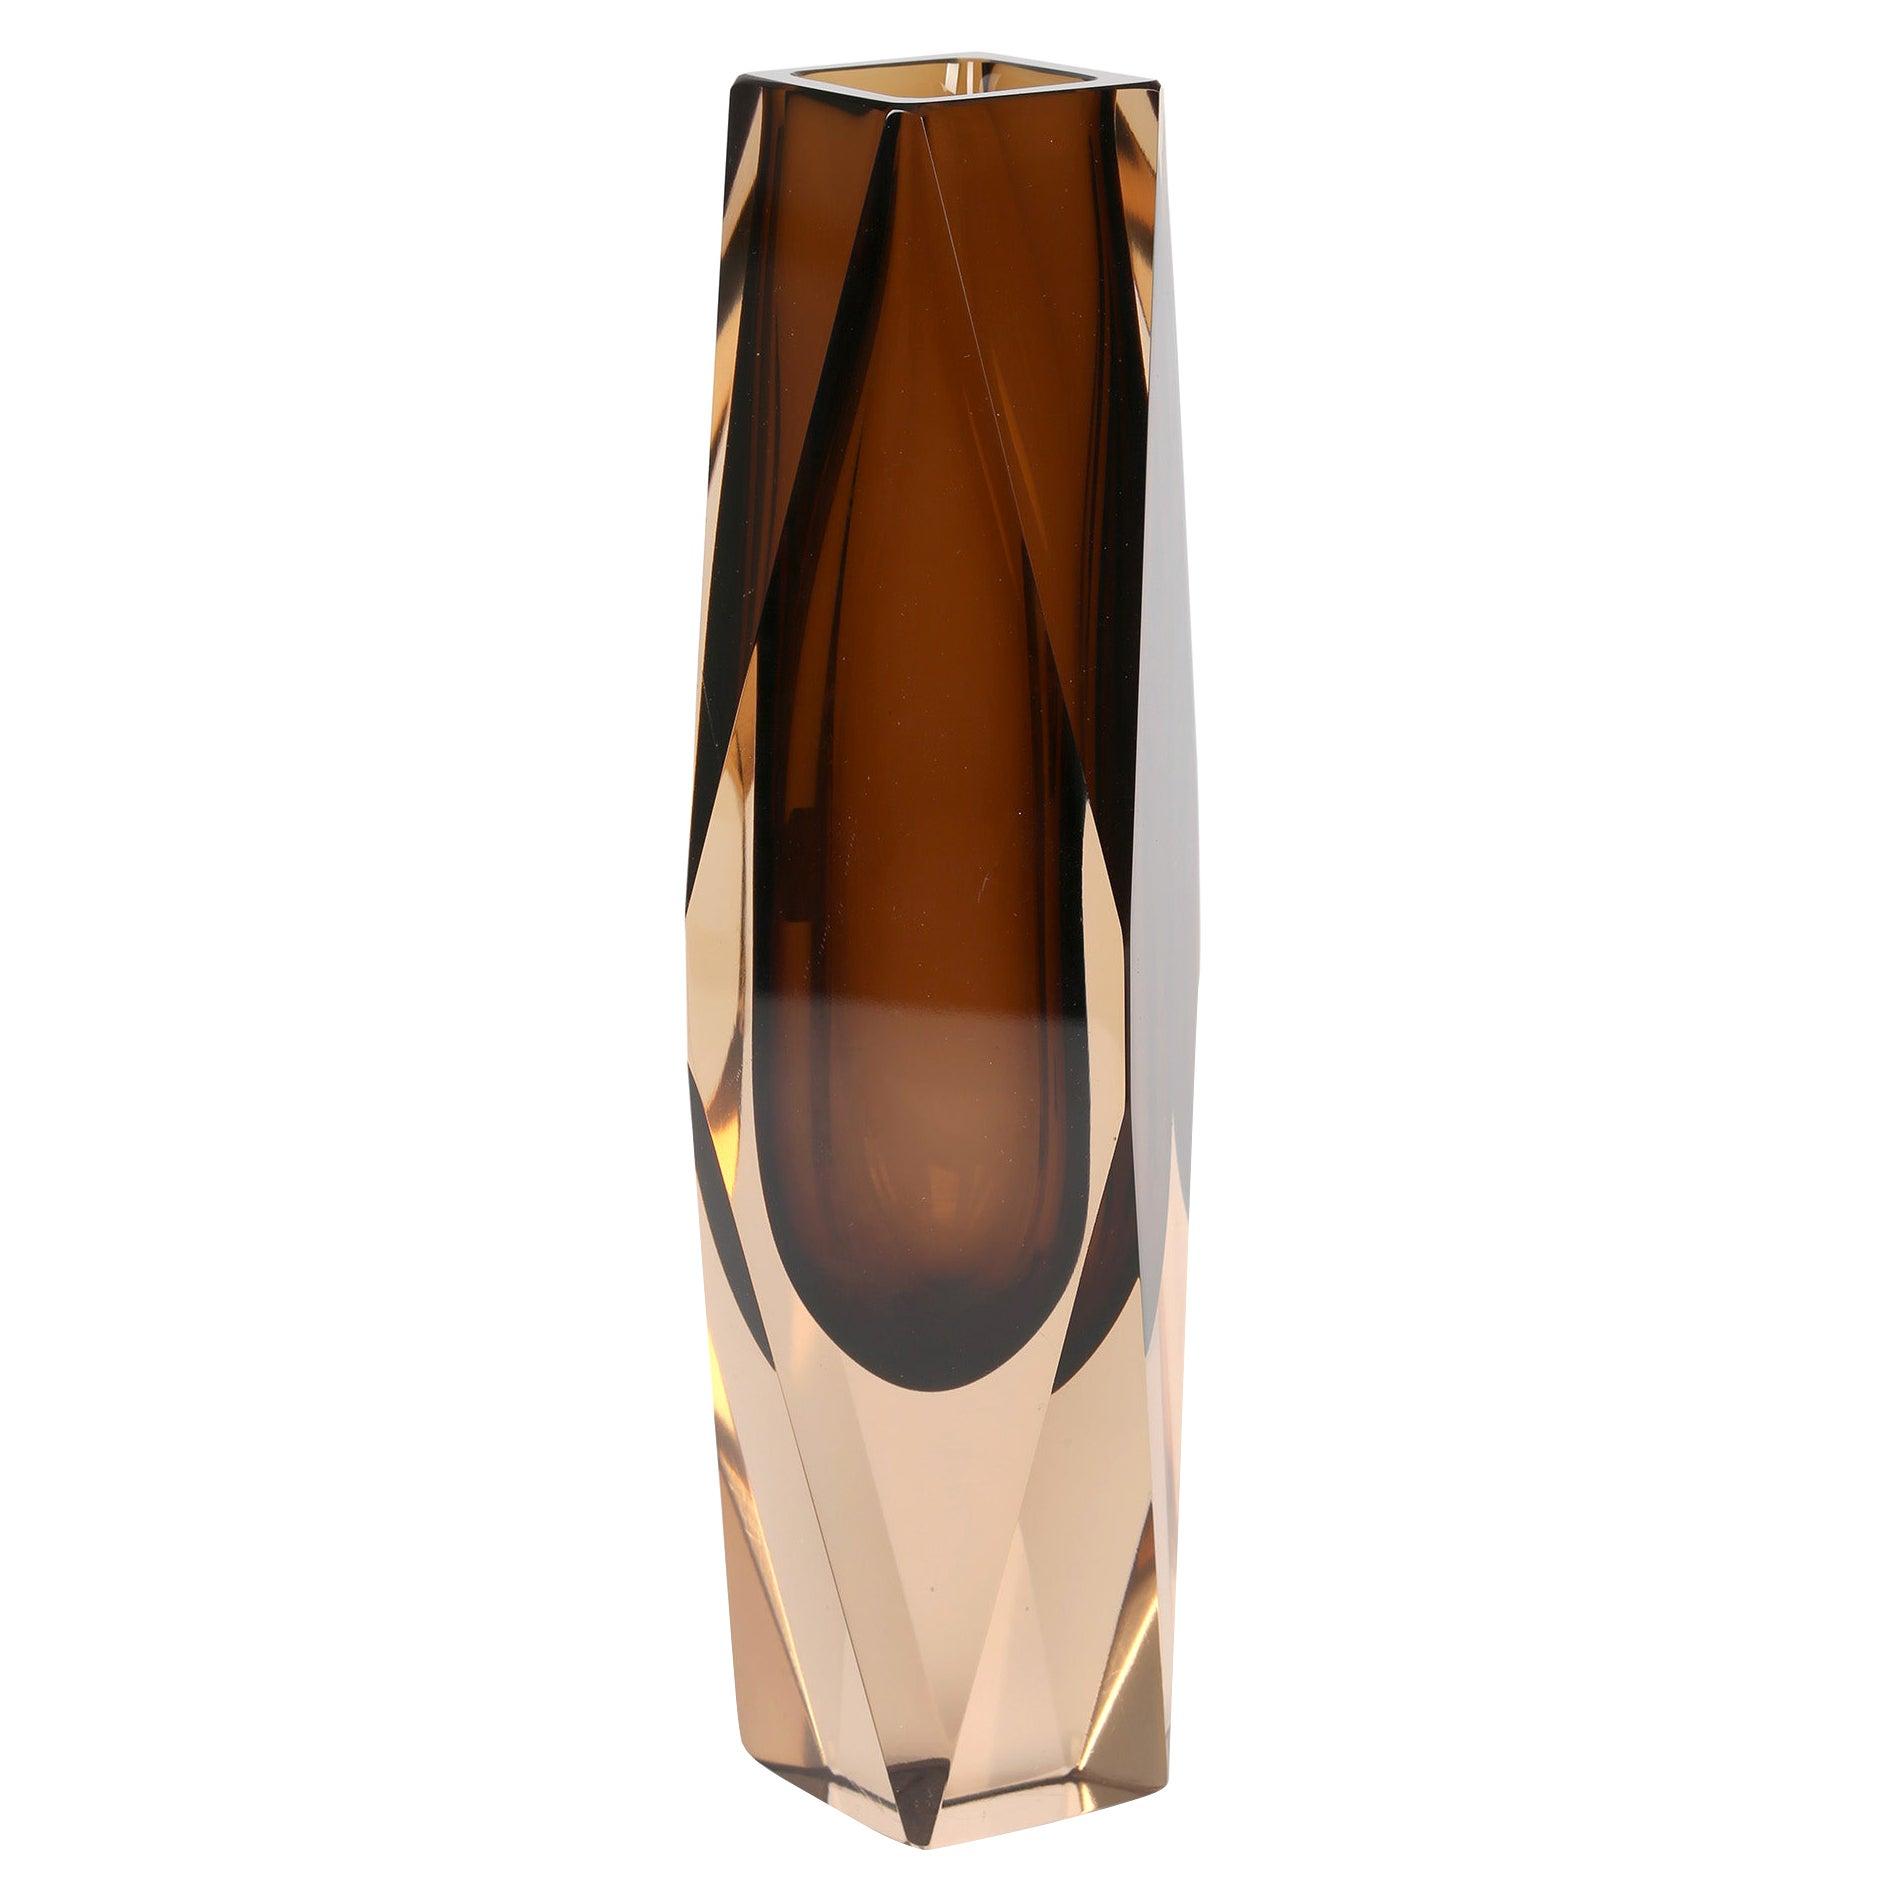 V Nason & C Murano Cinnamon Sommerso Faceted Art Glass Vase